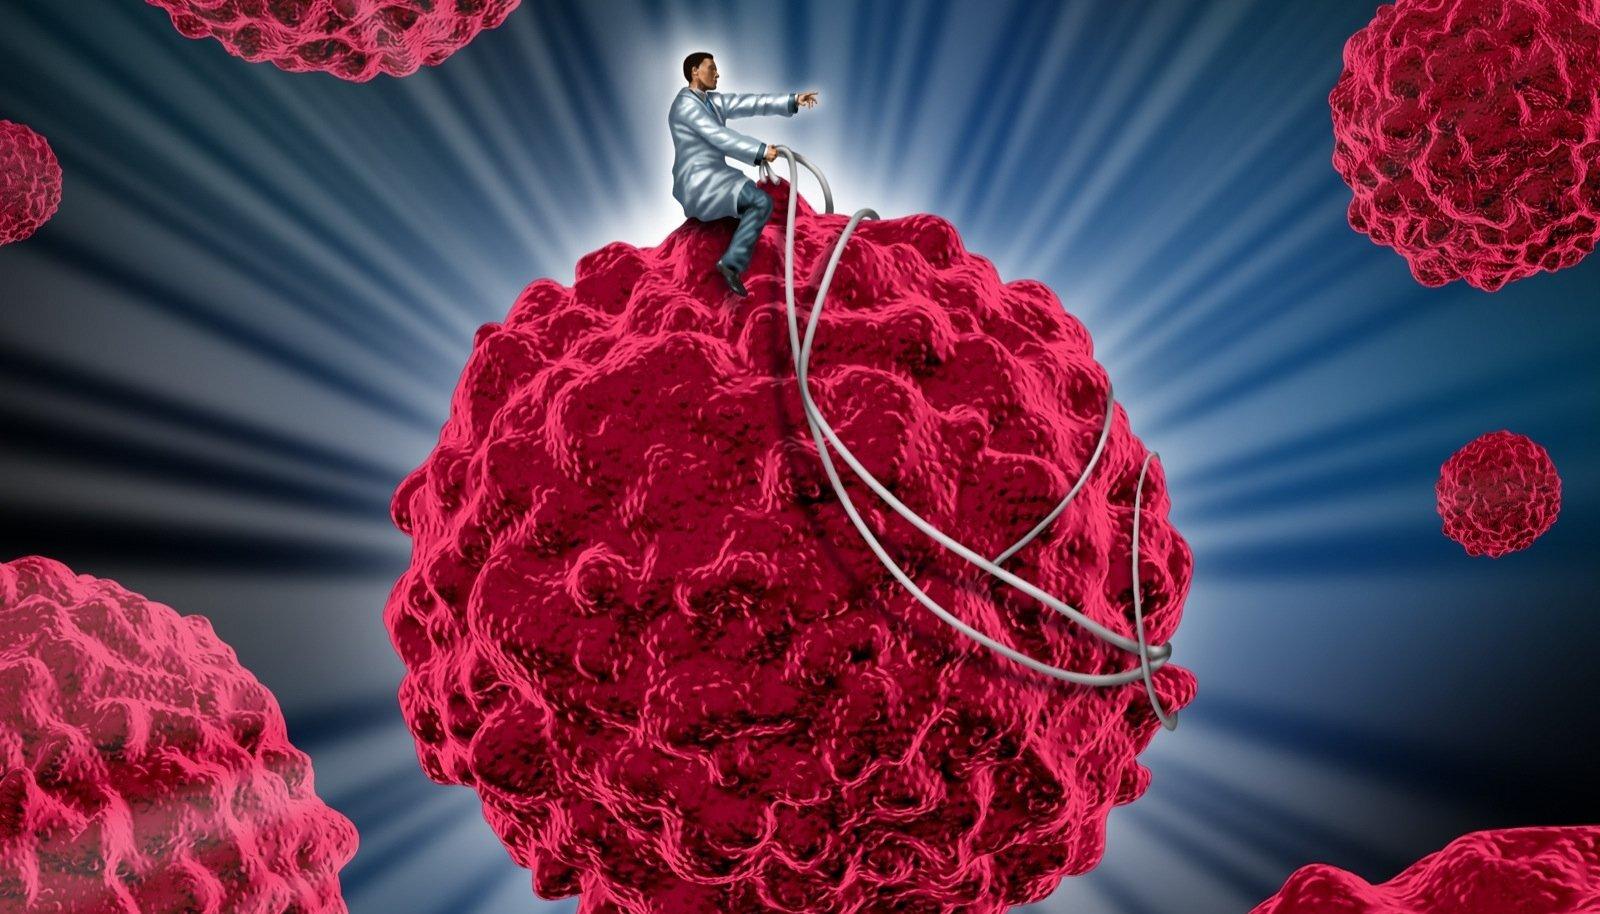 Bioloogilistel ravimitel on väga täpselt määratud sihtmärgid, mille külge nad kinnituvad.